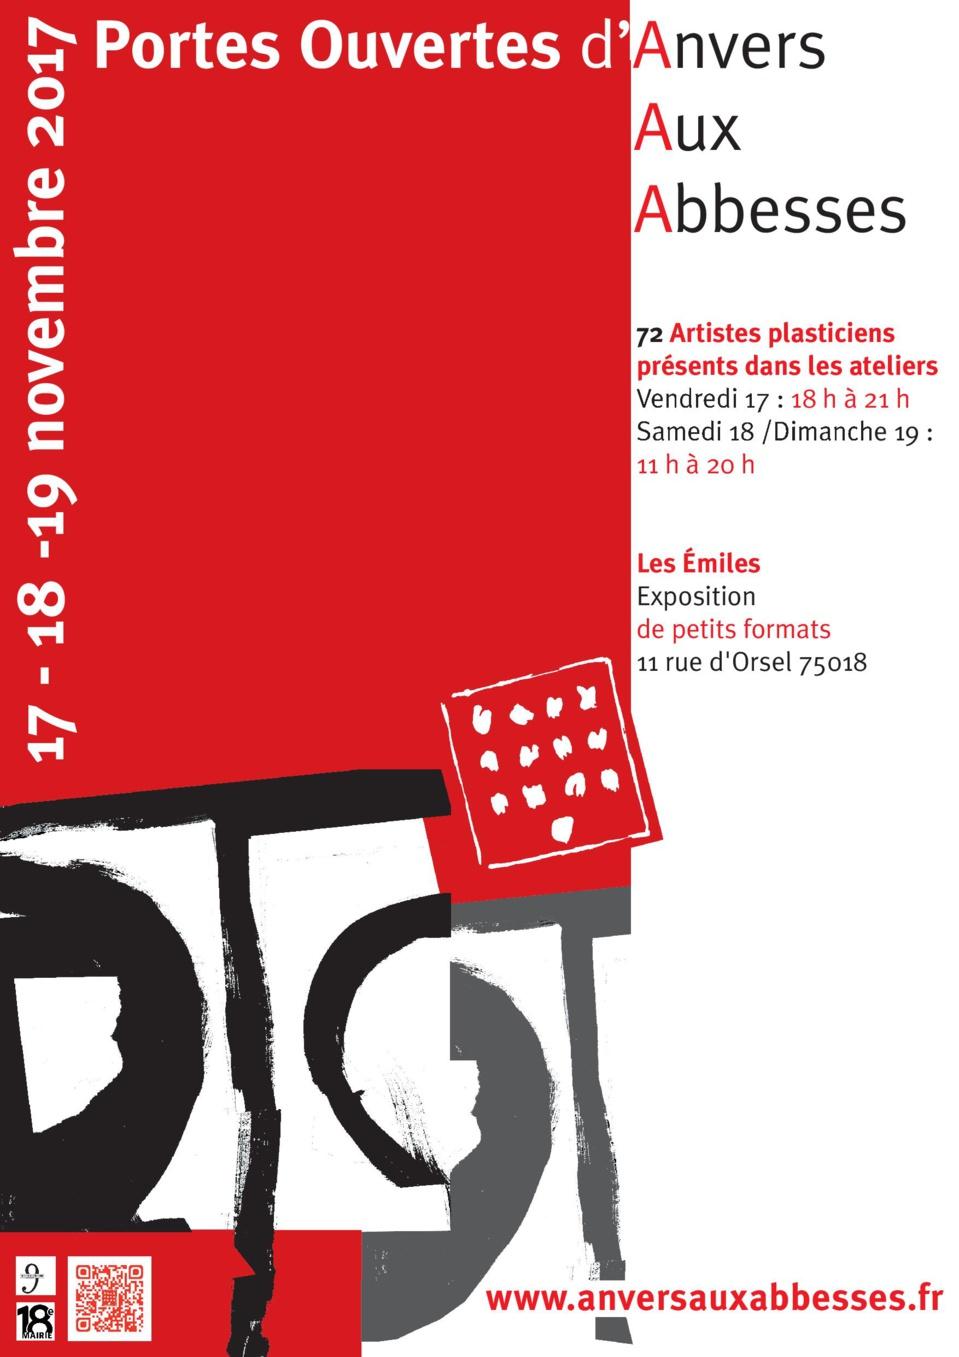 Du 17 au 19 novembre, 22e Portes ouvertes d'Anvers aux Abbesses